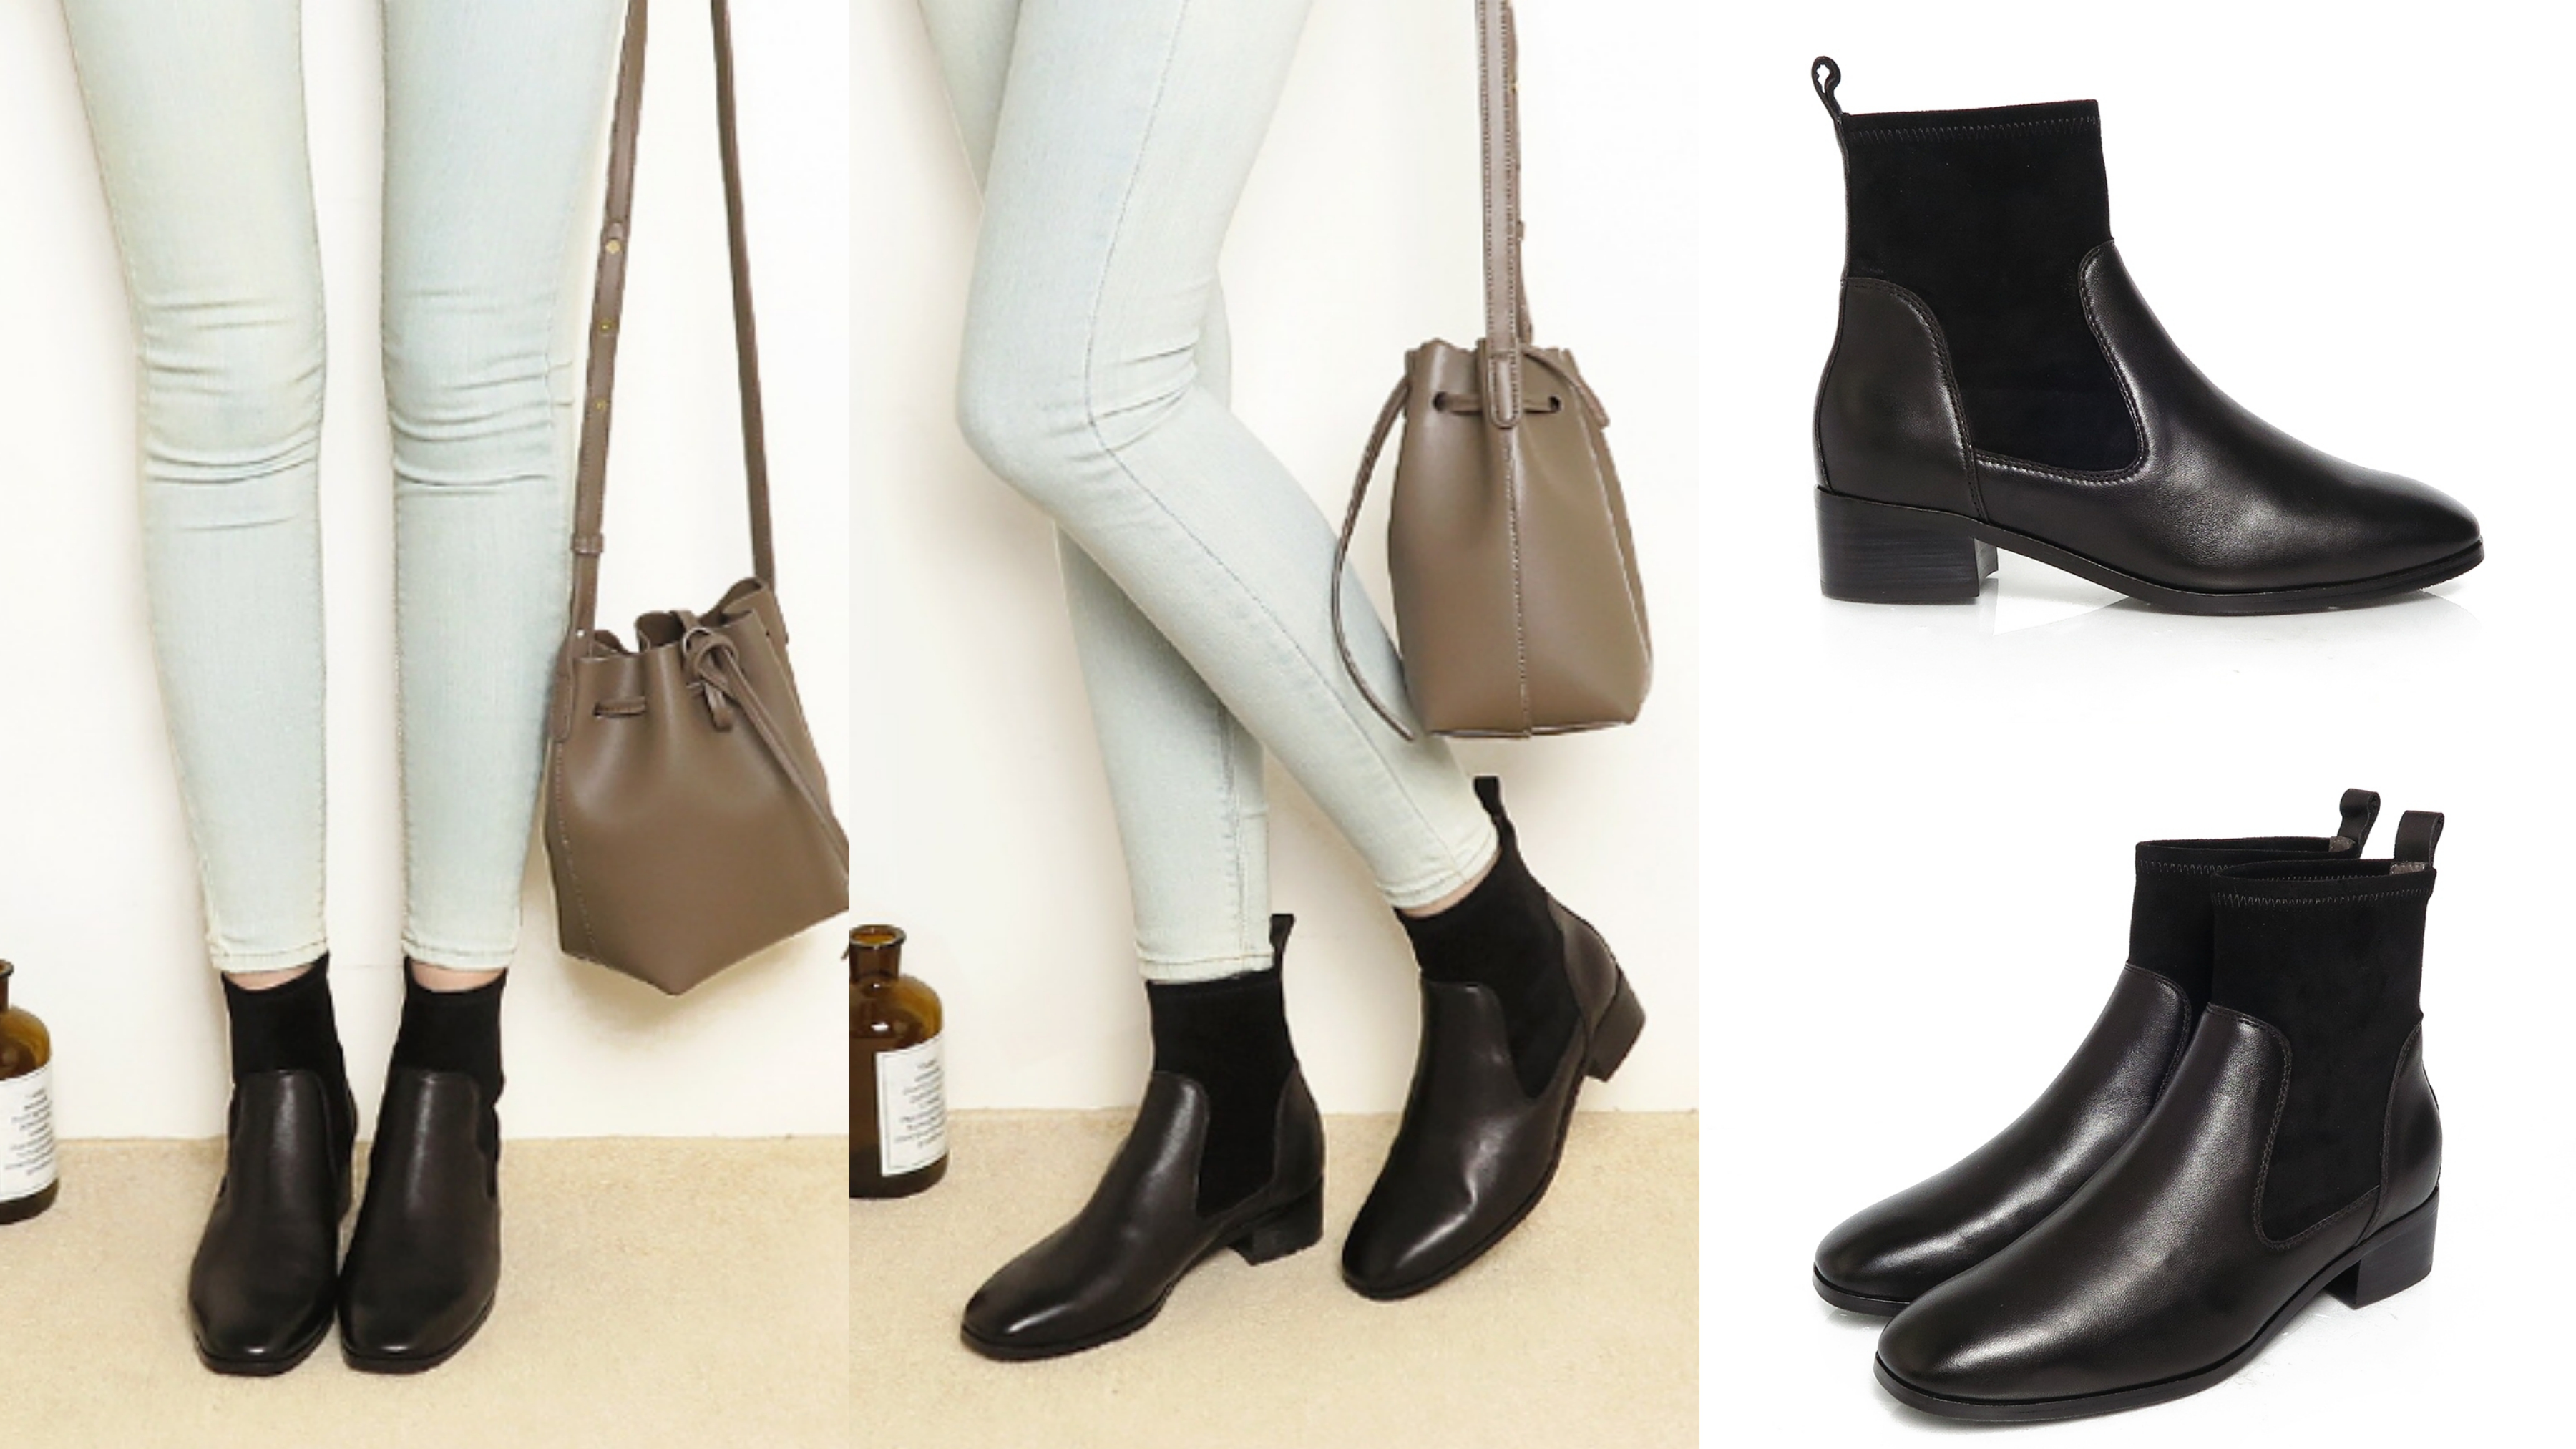 KOKKO時髦方頭拼接牛皮彈力粗跟襪靴黑色 時髦顯瘦方頭,搭配質感進口小牛皮,是冬日最夯襪靴